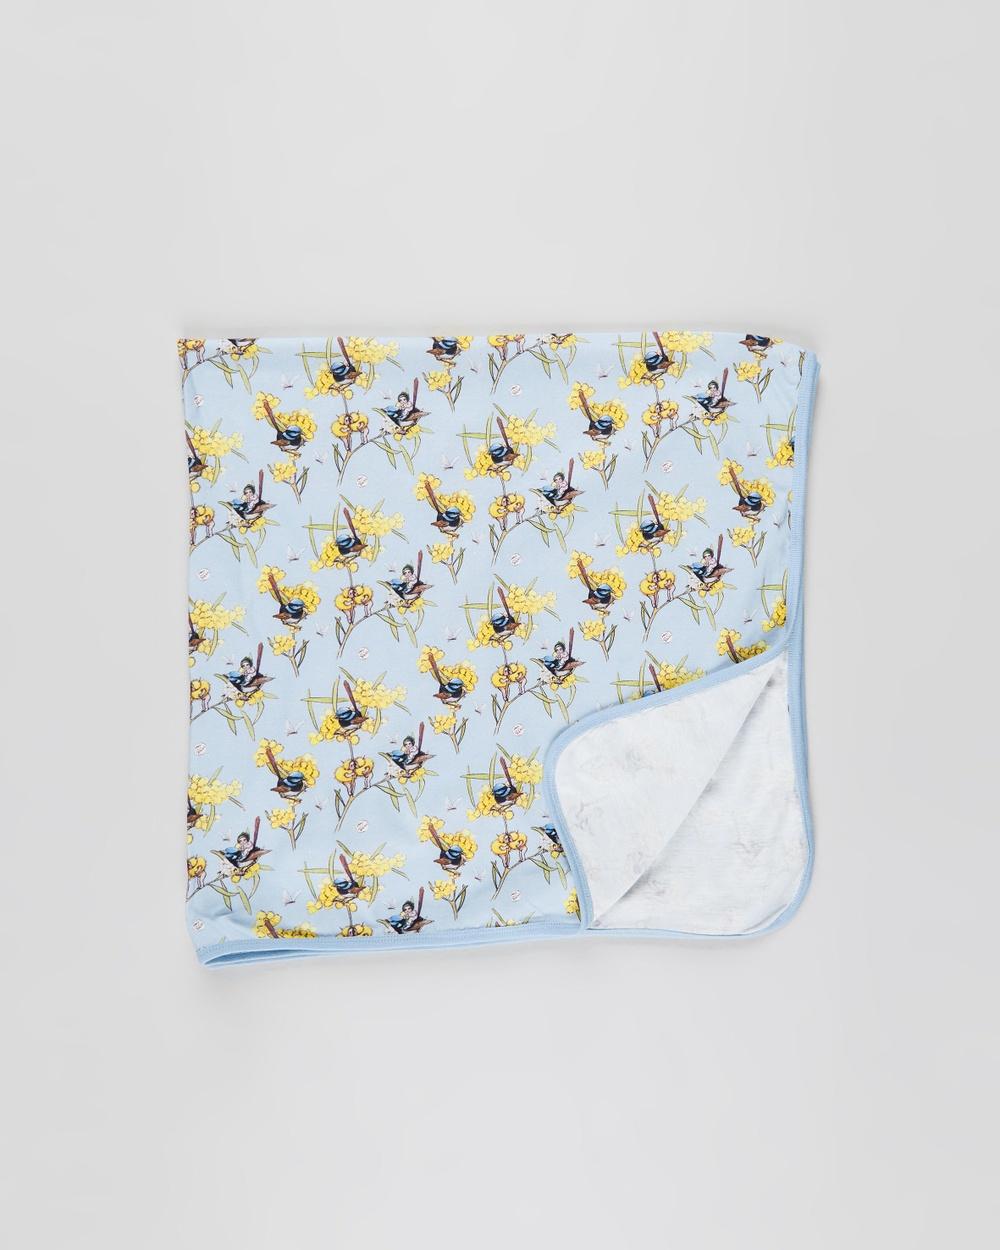 Walnut Melbourne May Gibbs Billy Blanket Wraps & Blankets Morning Wren